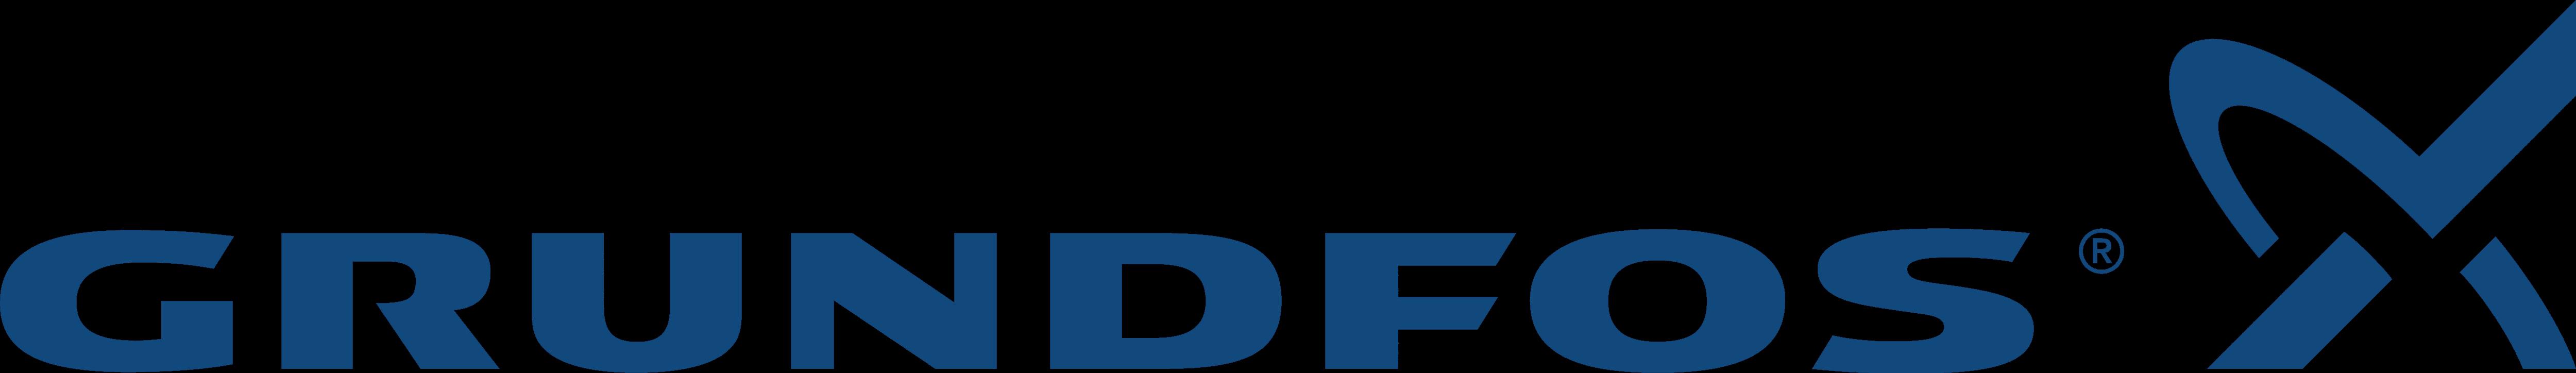 LVI-palvelujen kumppani Grundfos